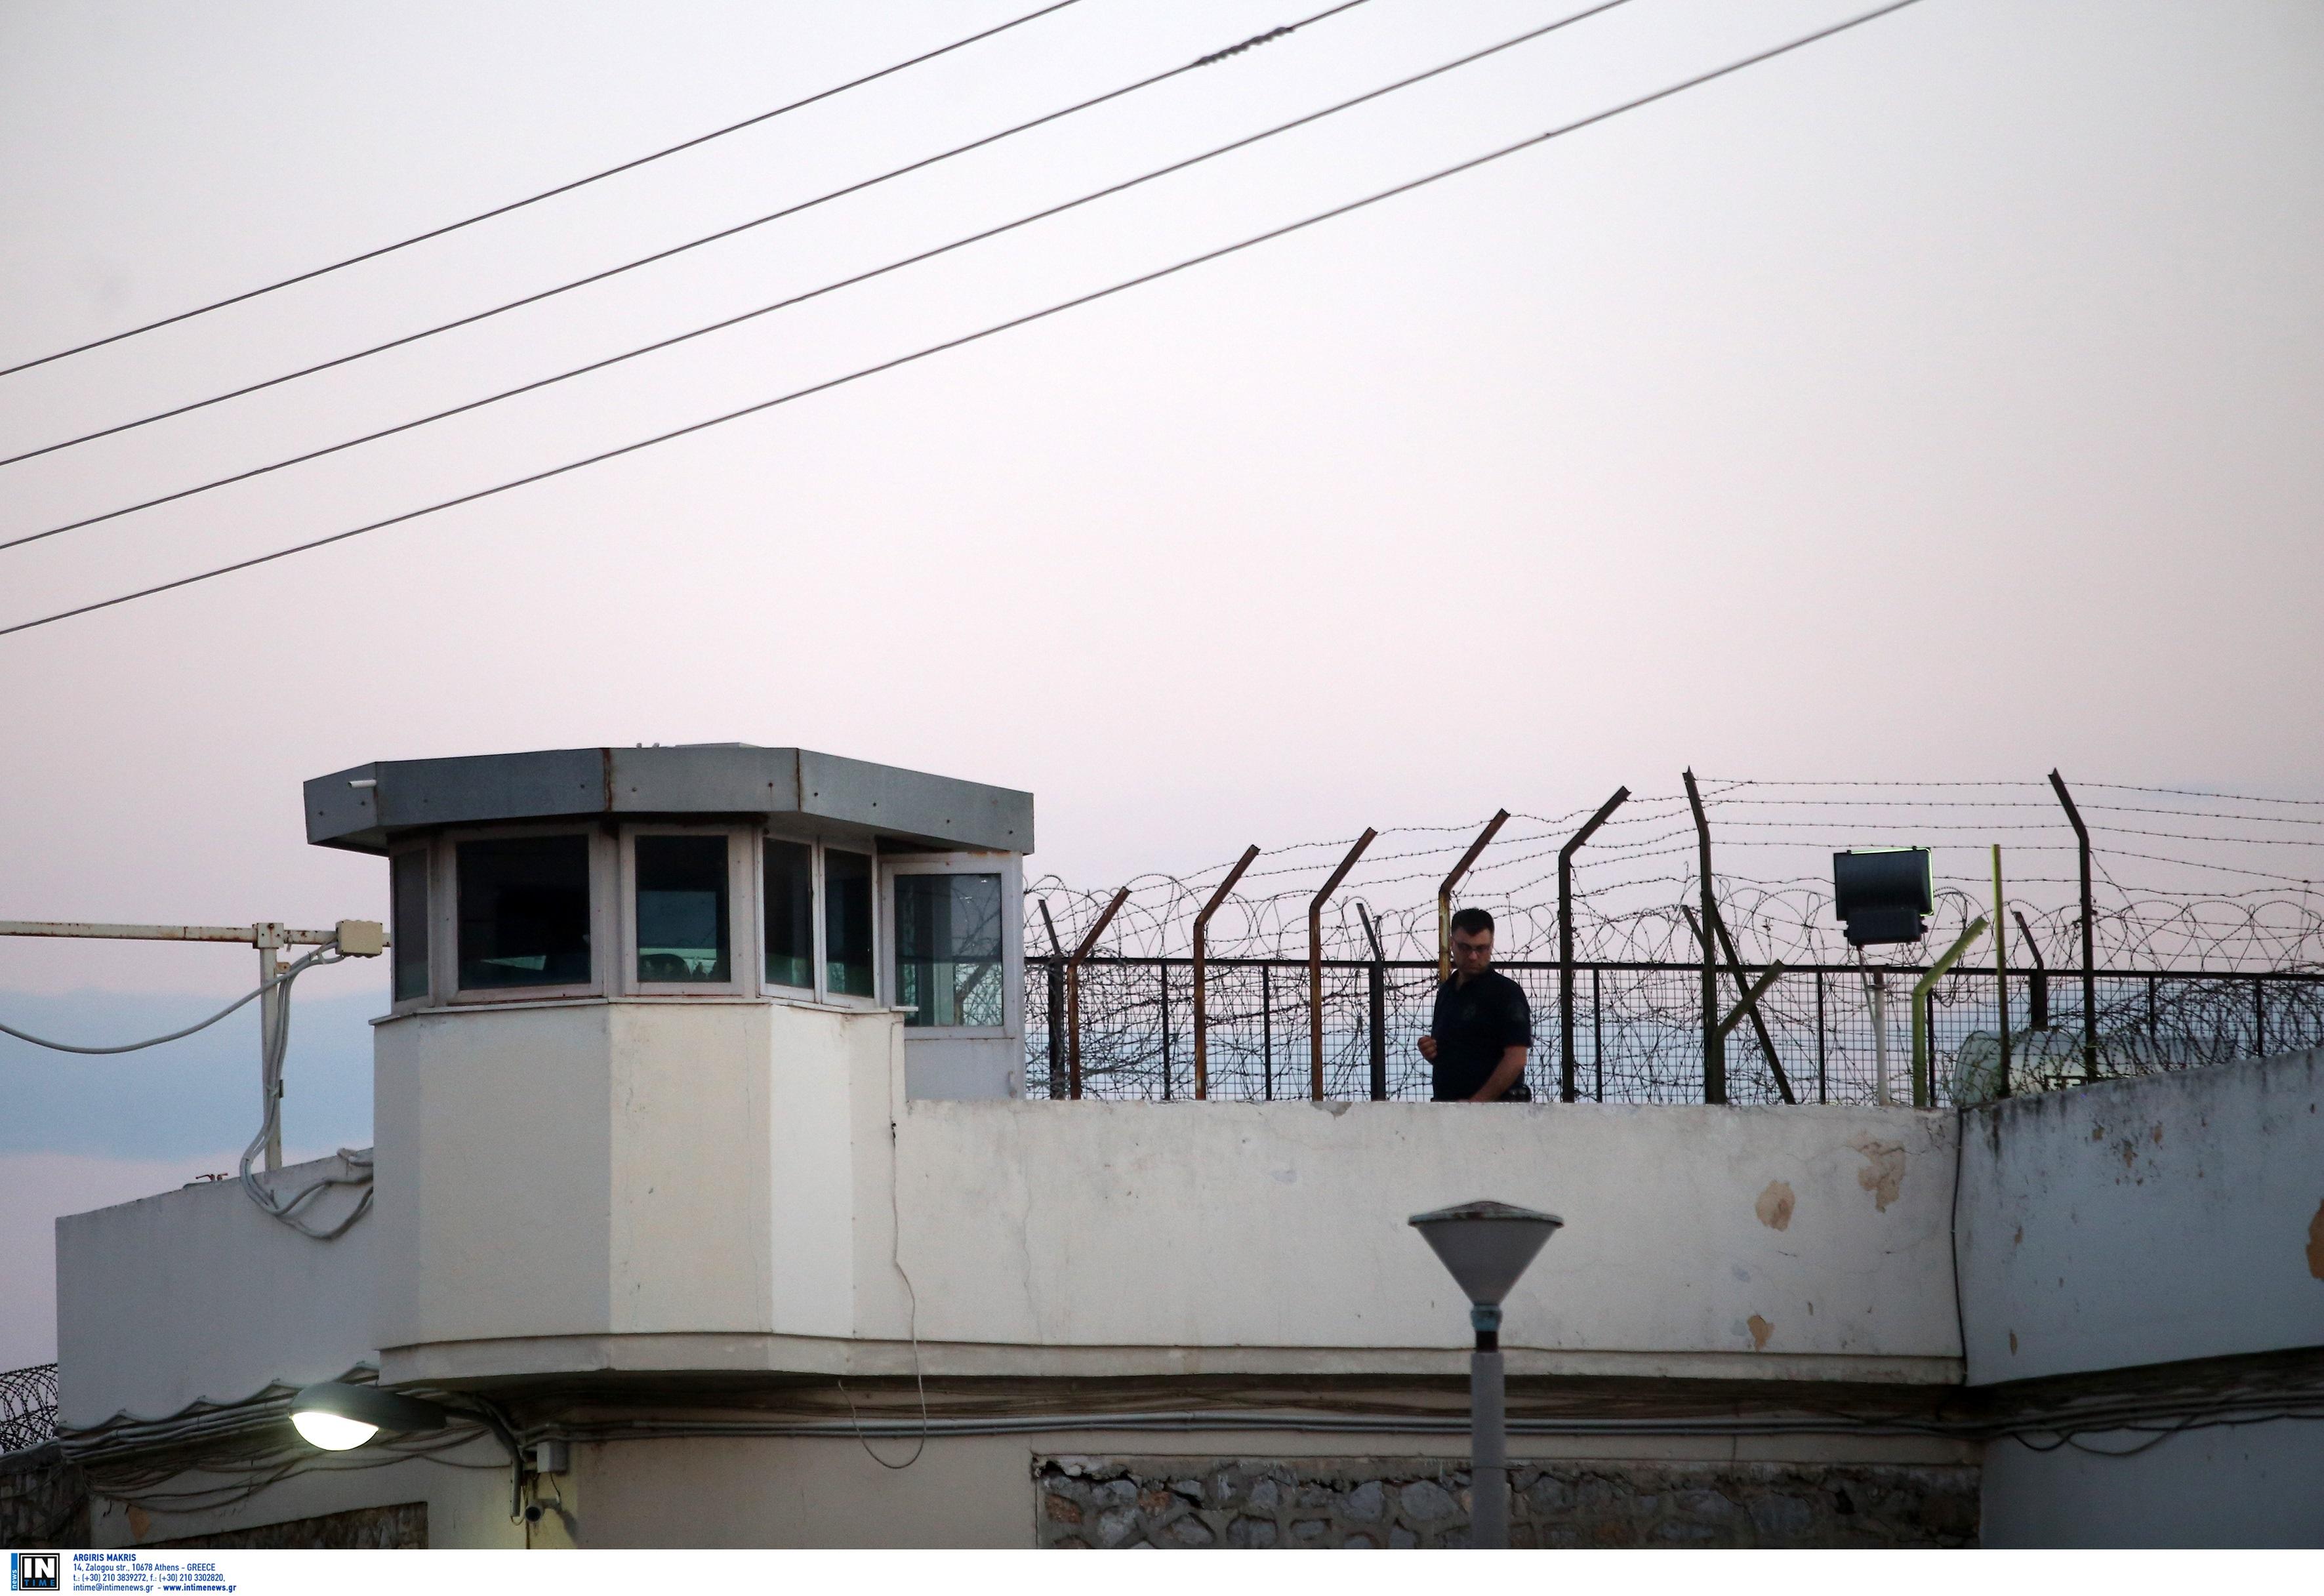 Απίστευτο: Κρατούμενος στα Τρίκαλα κατάπιε 11 σακουλάκια με ναρκωτικά